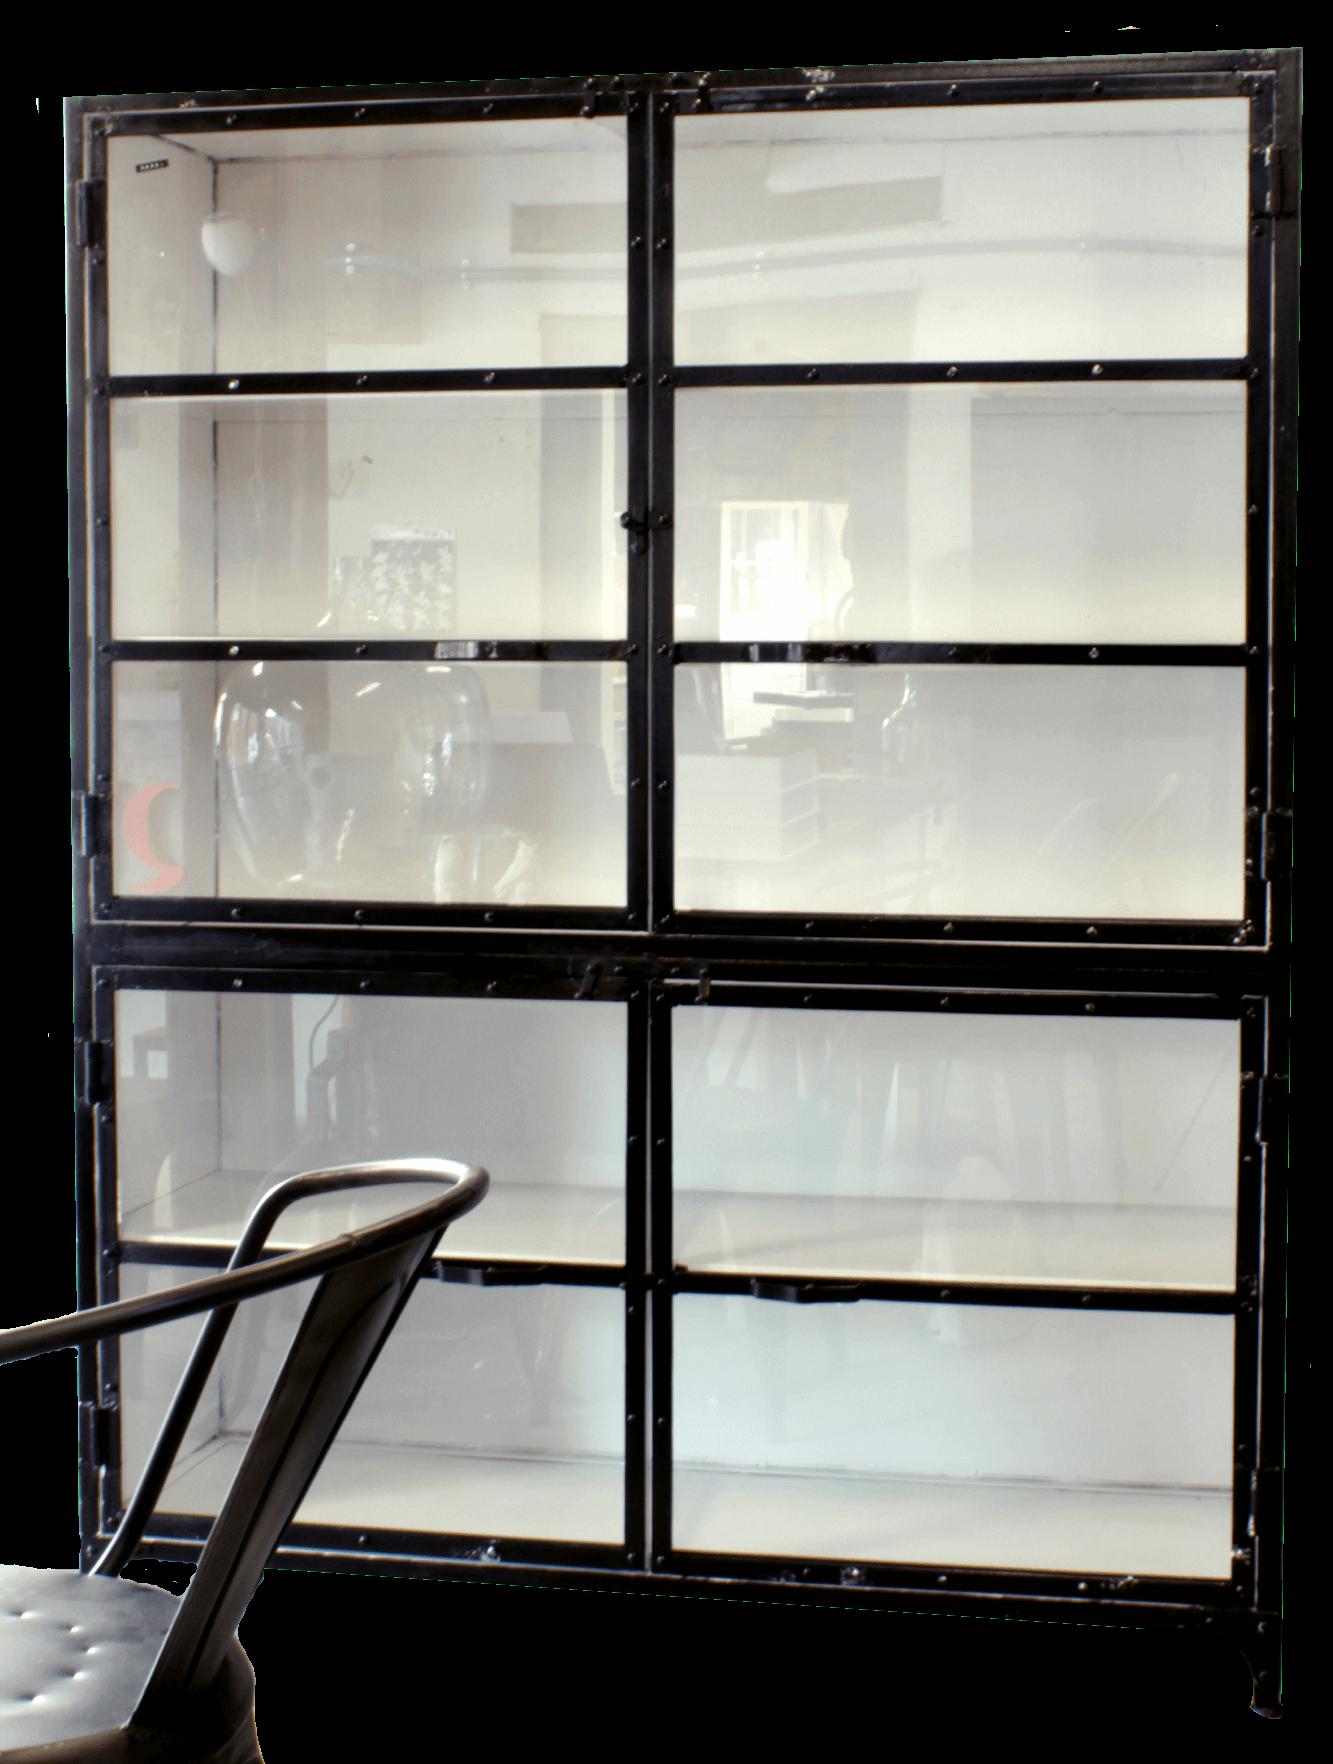 Industriele Kast Met Glas.Grote Industriele Kast Van Ijzer Met Glazen Deurtjes Voor Opslag